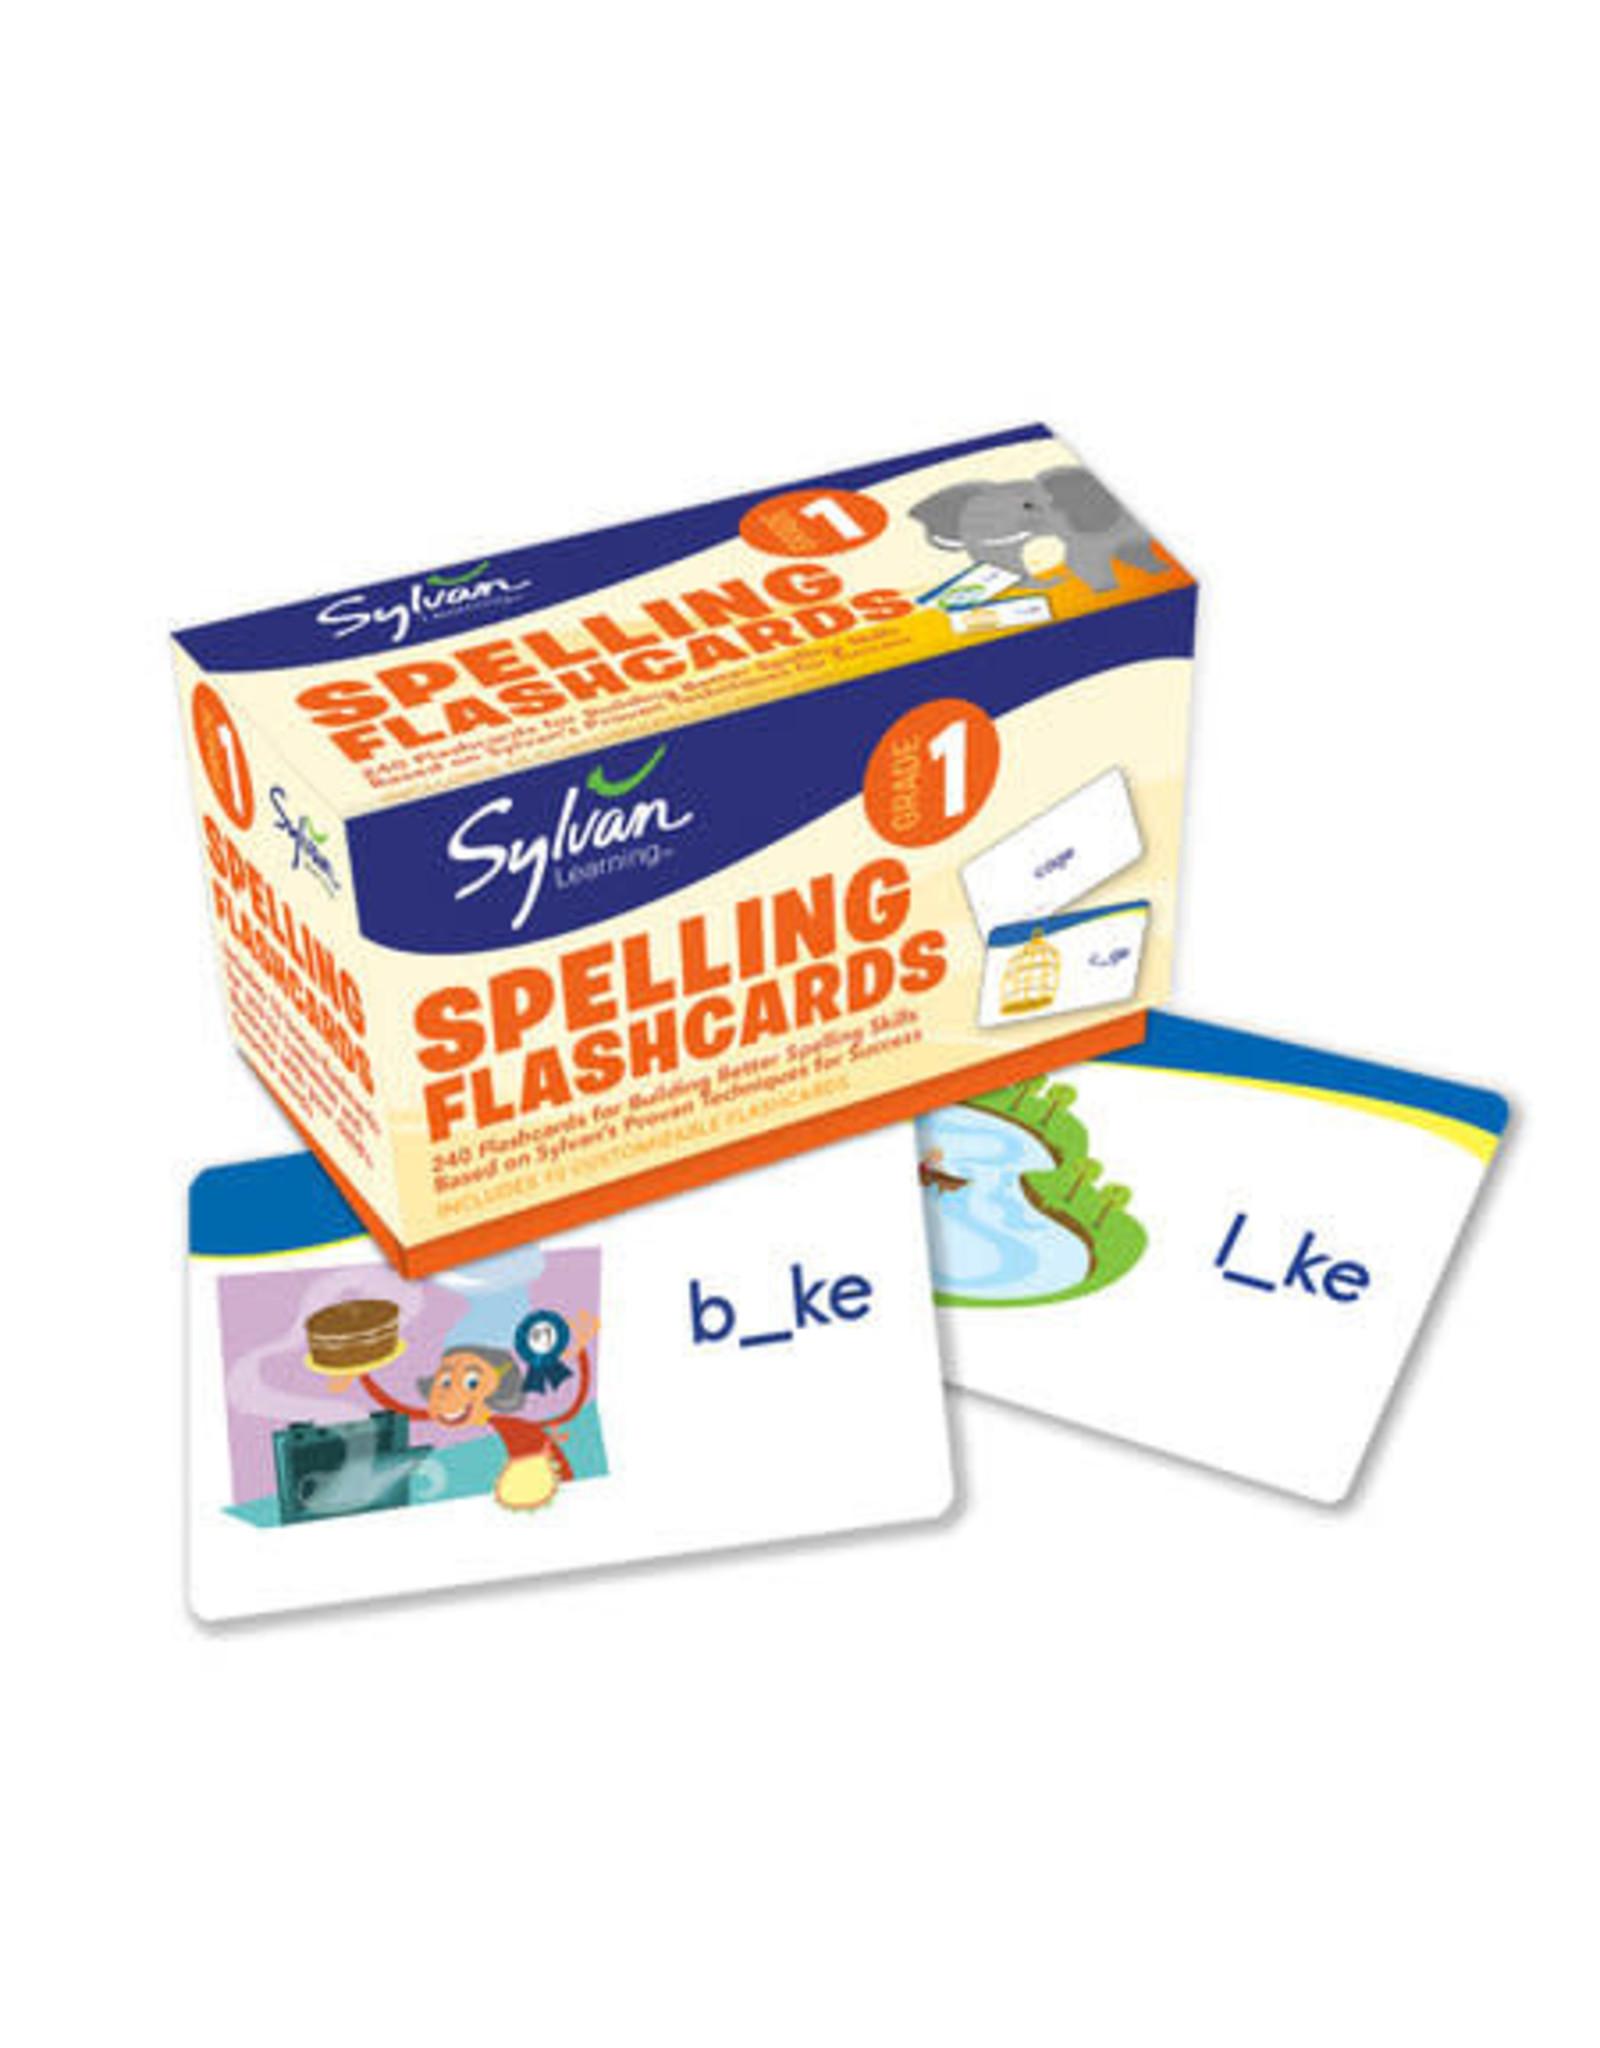 Sylvan 1st Grade Spelling Flashcards